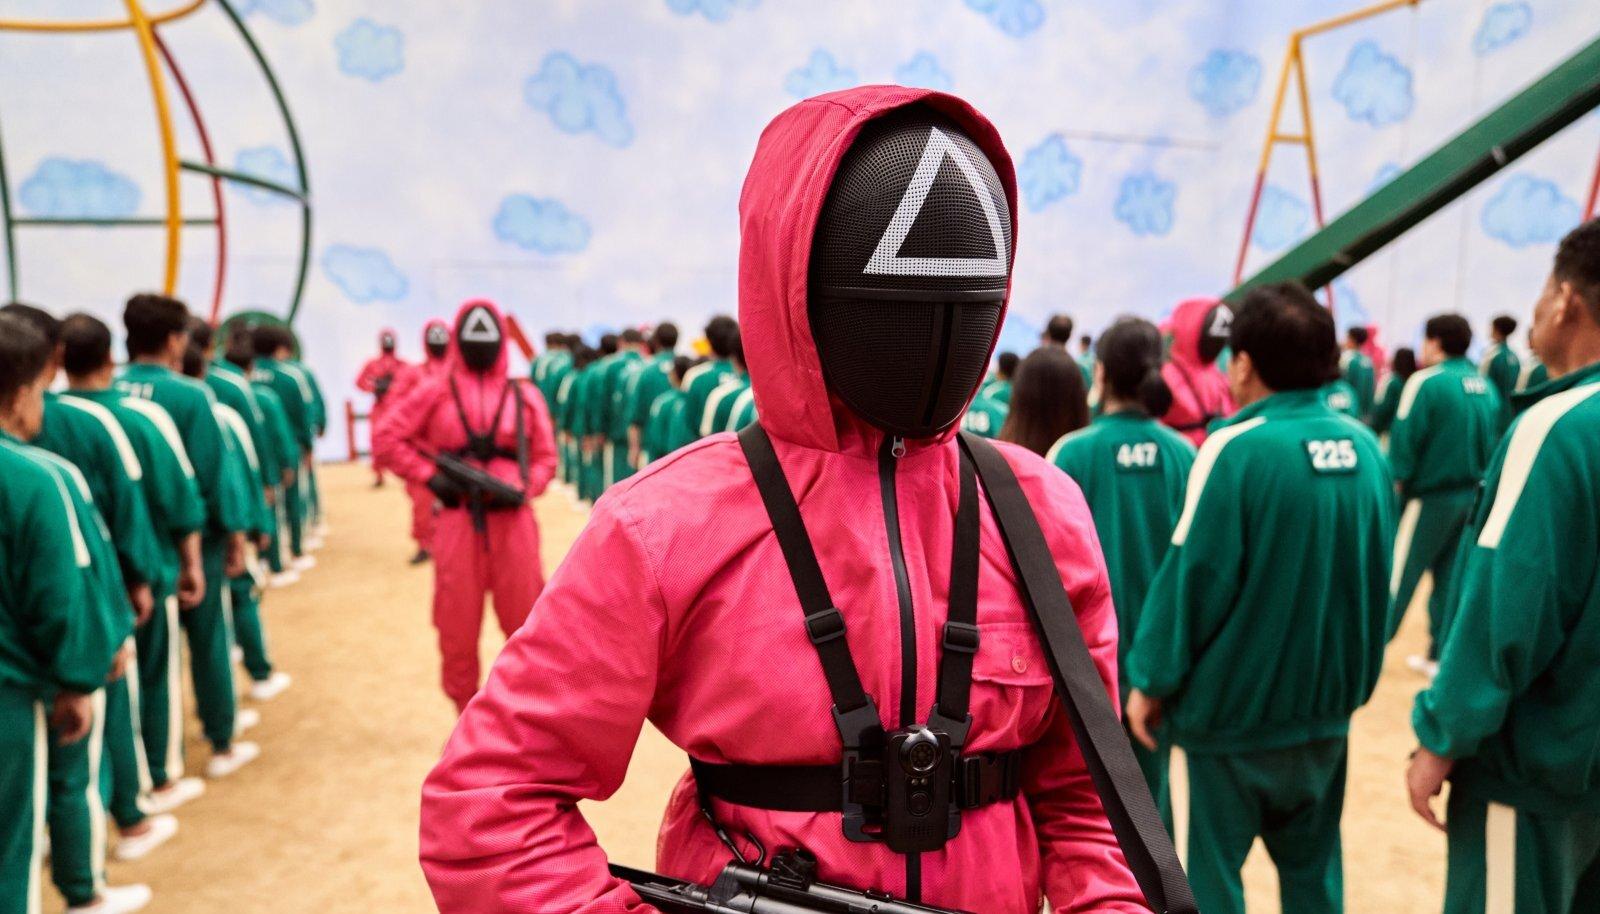 Mängurid kandsid rohelisi dressikomplekte, punastes kostüümides seisavad relvastatud valvurid.